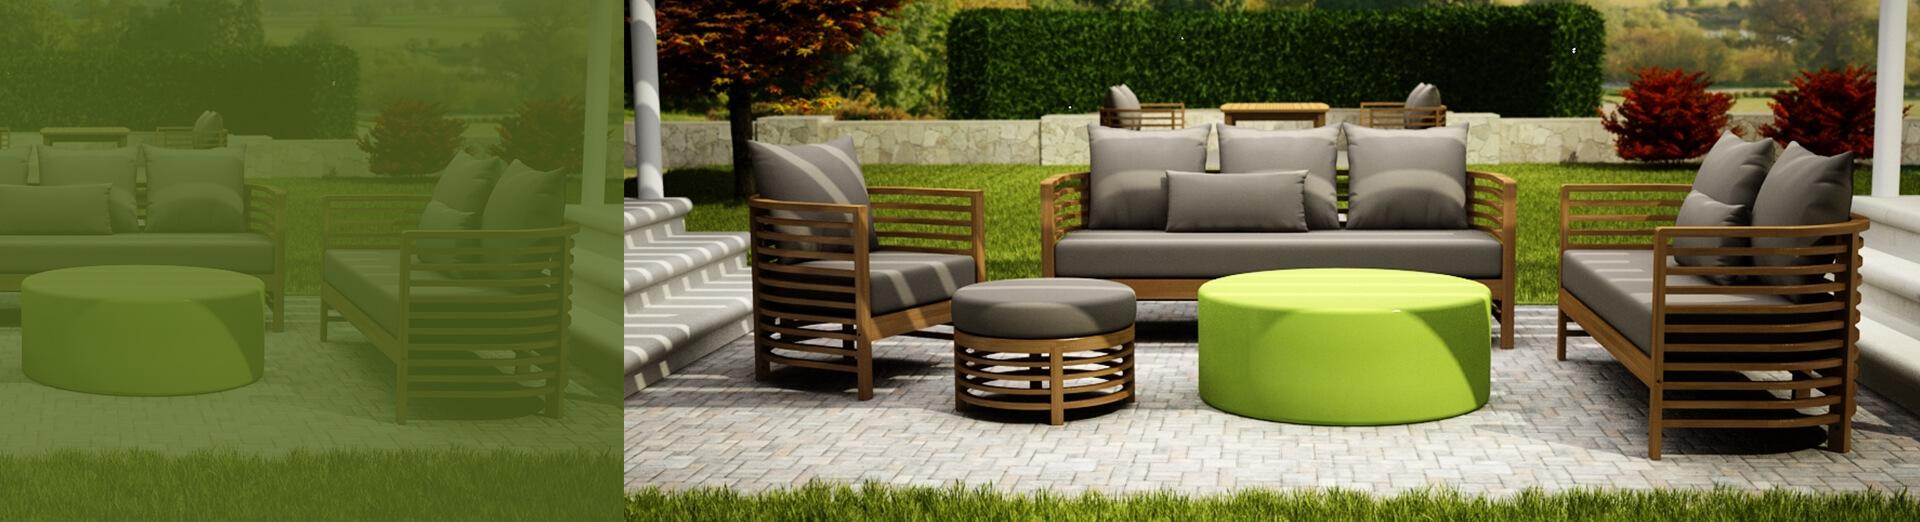 exterior-furniture-home-slider